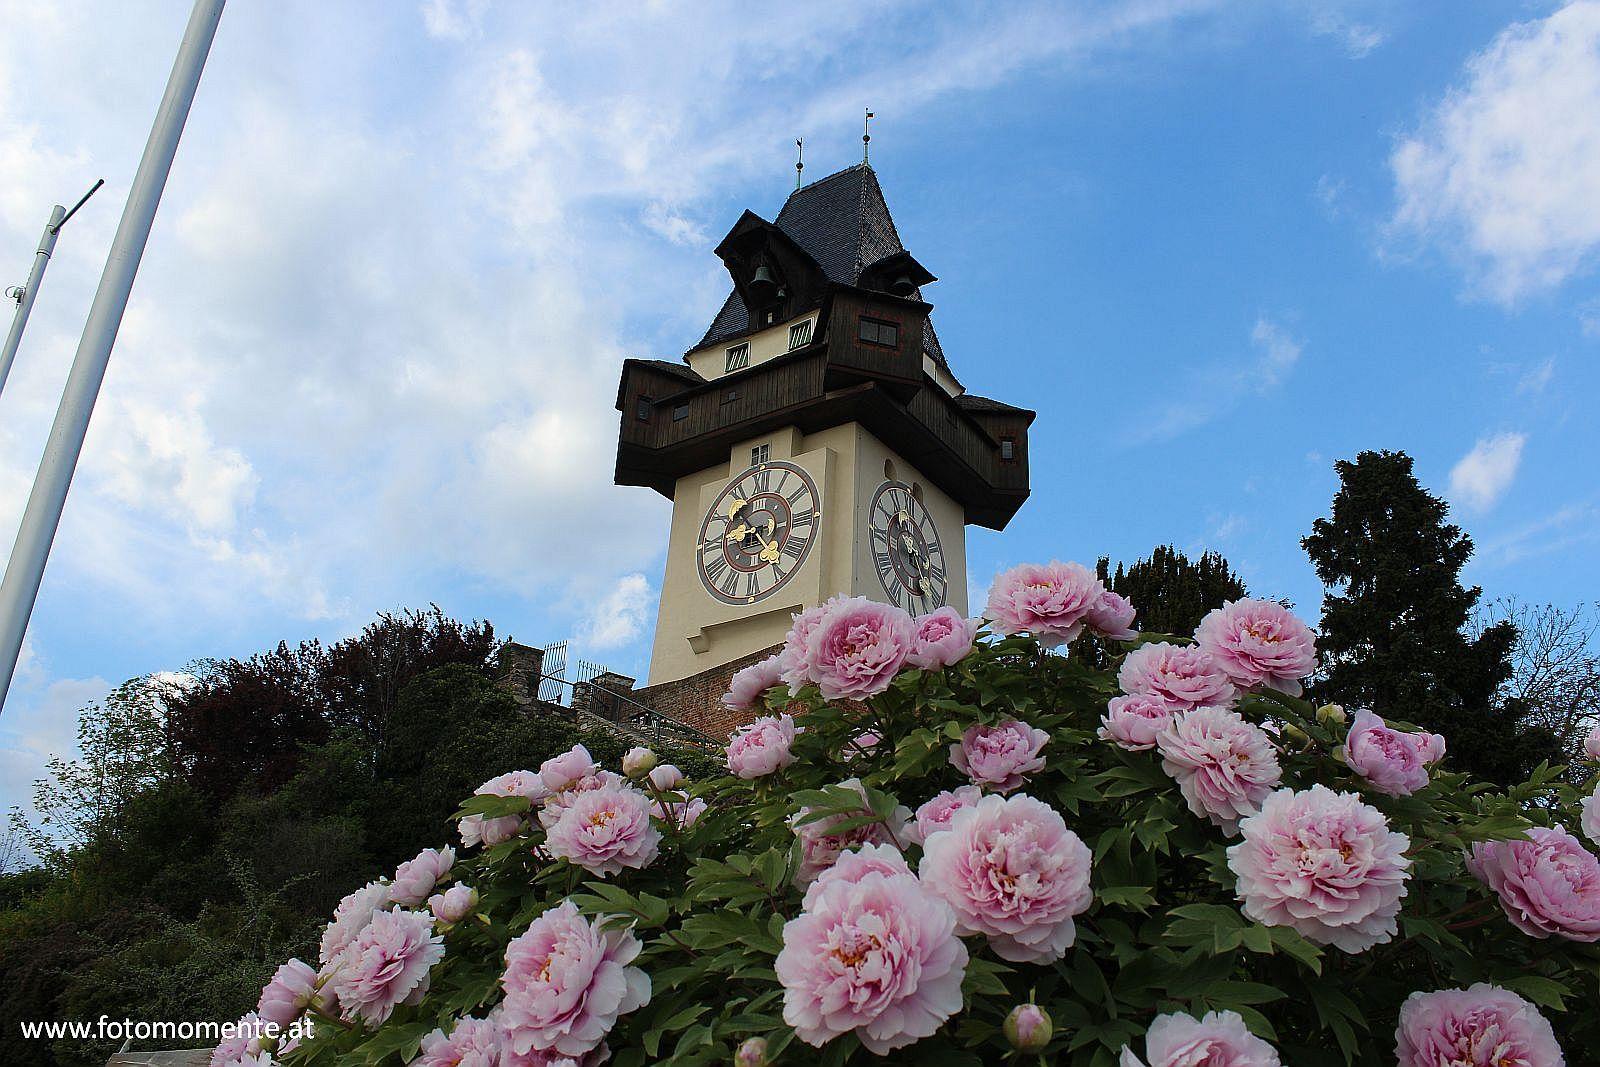 Uhrturm mit Pfingstrosen - Uhrturm am Grazer Schloßberg mit hübschen Pfingstrosen